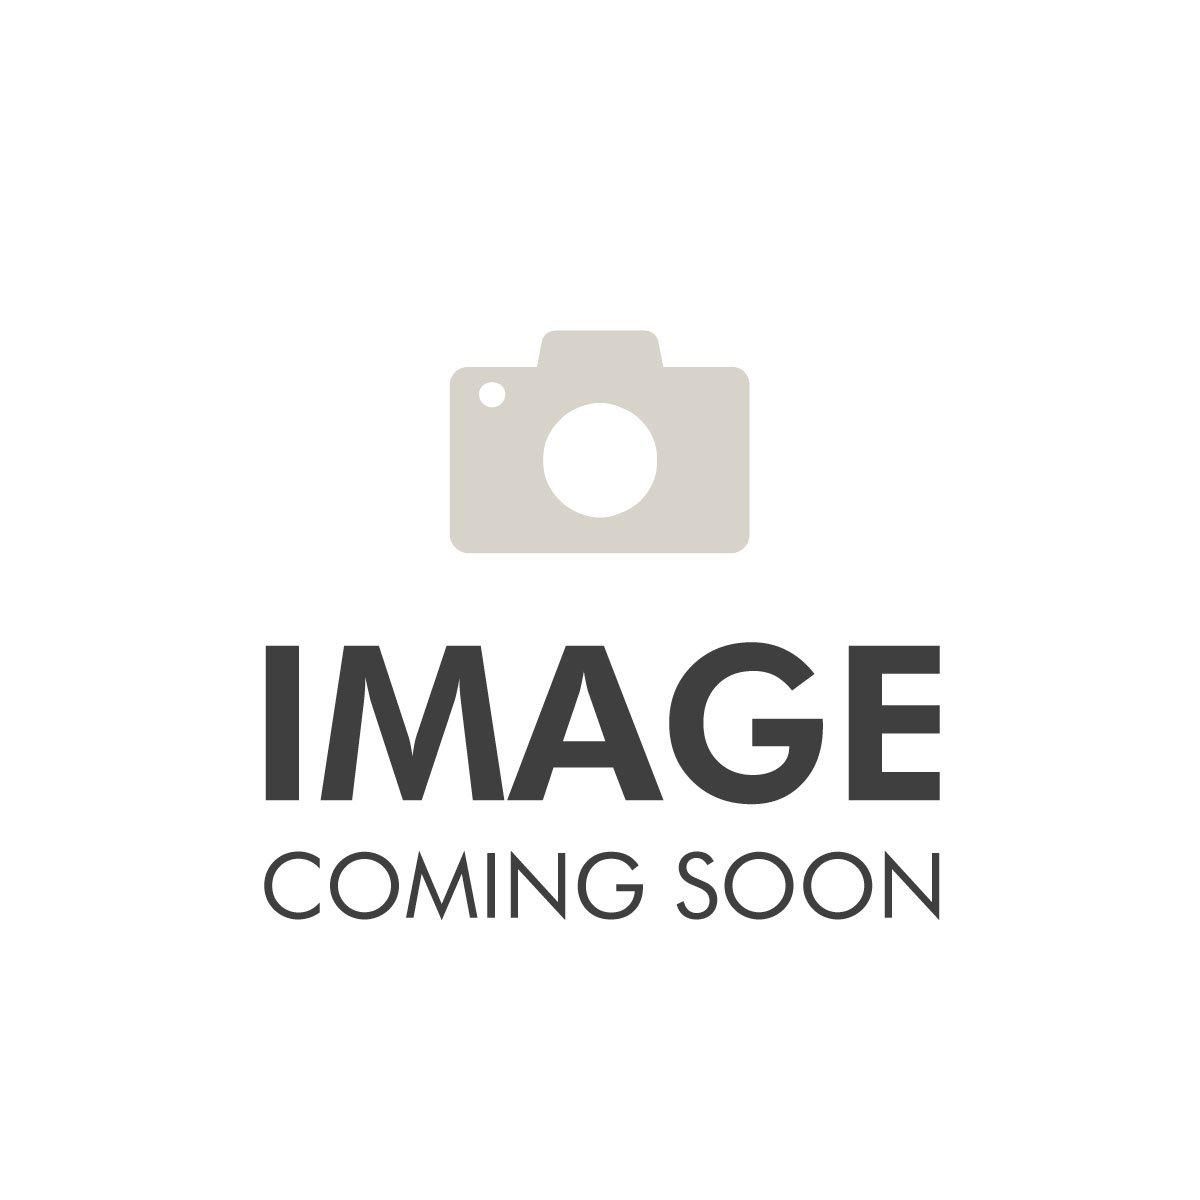 Viktor & Rolf Viktor & Rolf Spicebomb Gift Set 50ml EDT + 50ml Non-Foaming Shaving Cream + 50ml Aftershave Balm